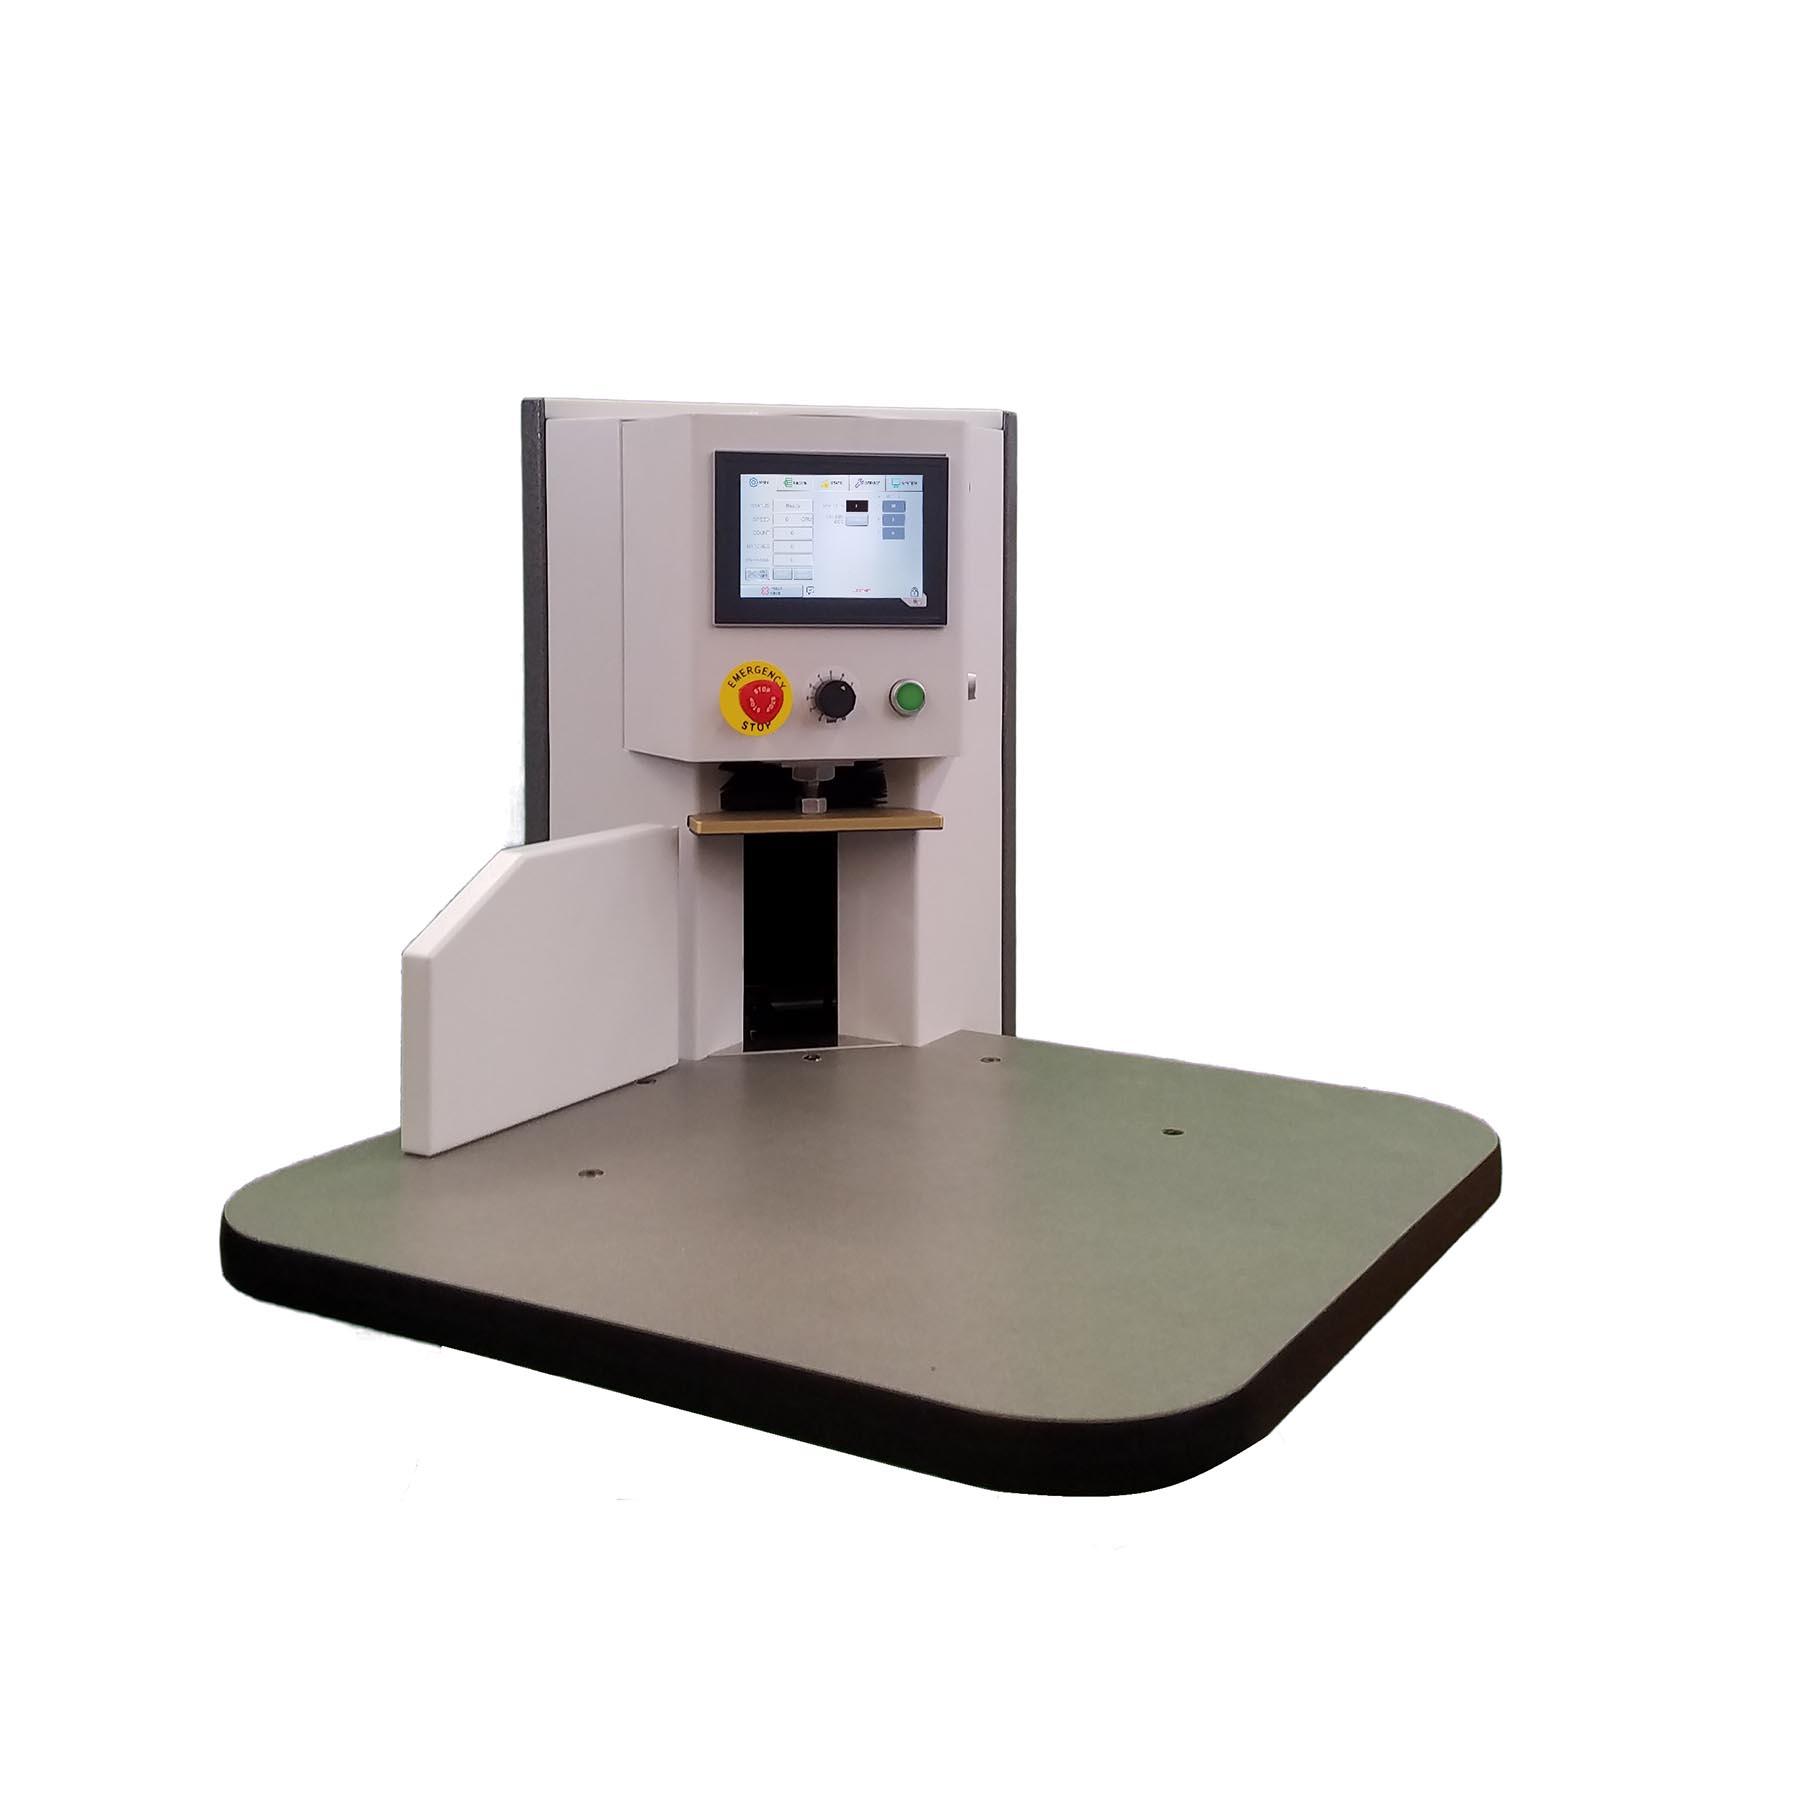 INTELECOUNT Sheet Counter & Batch Tabber - U.S. Paper Counters